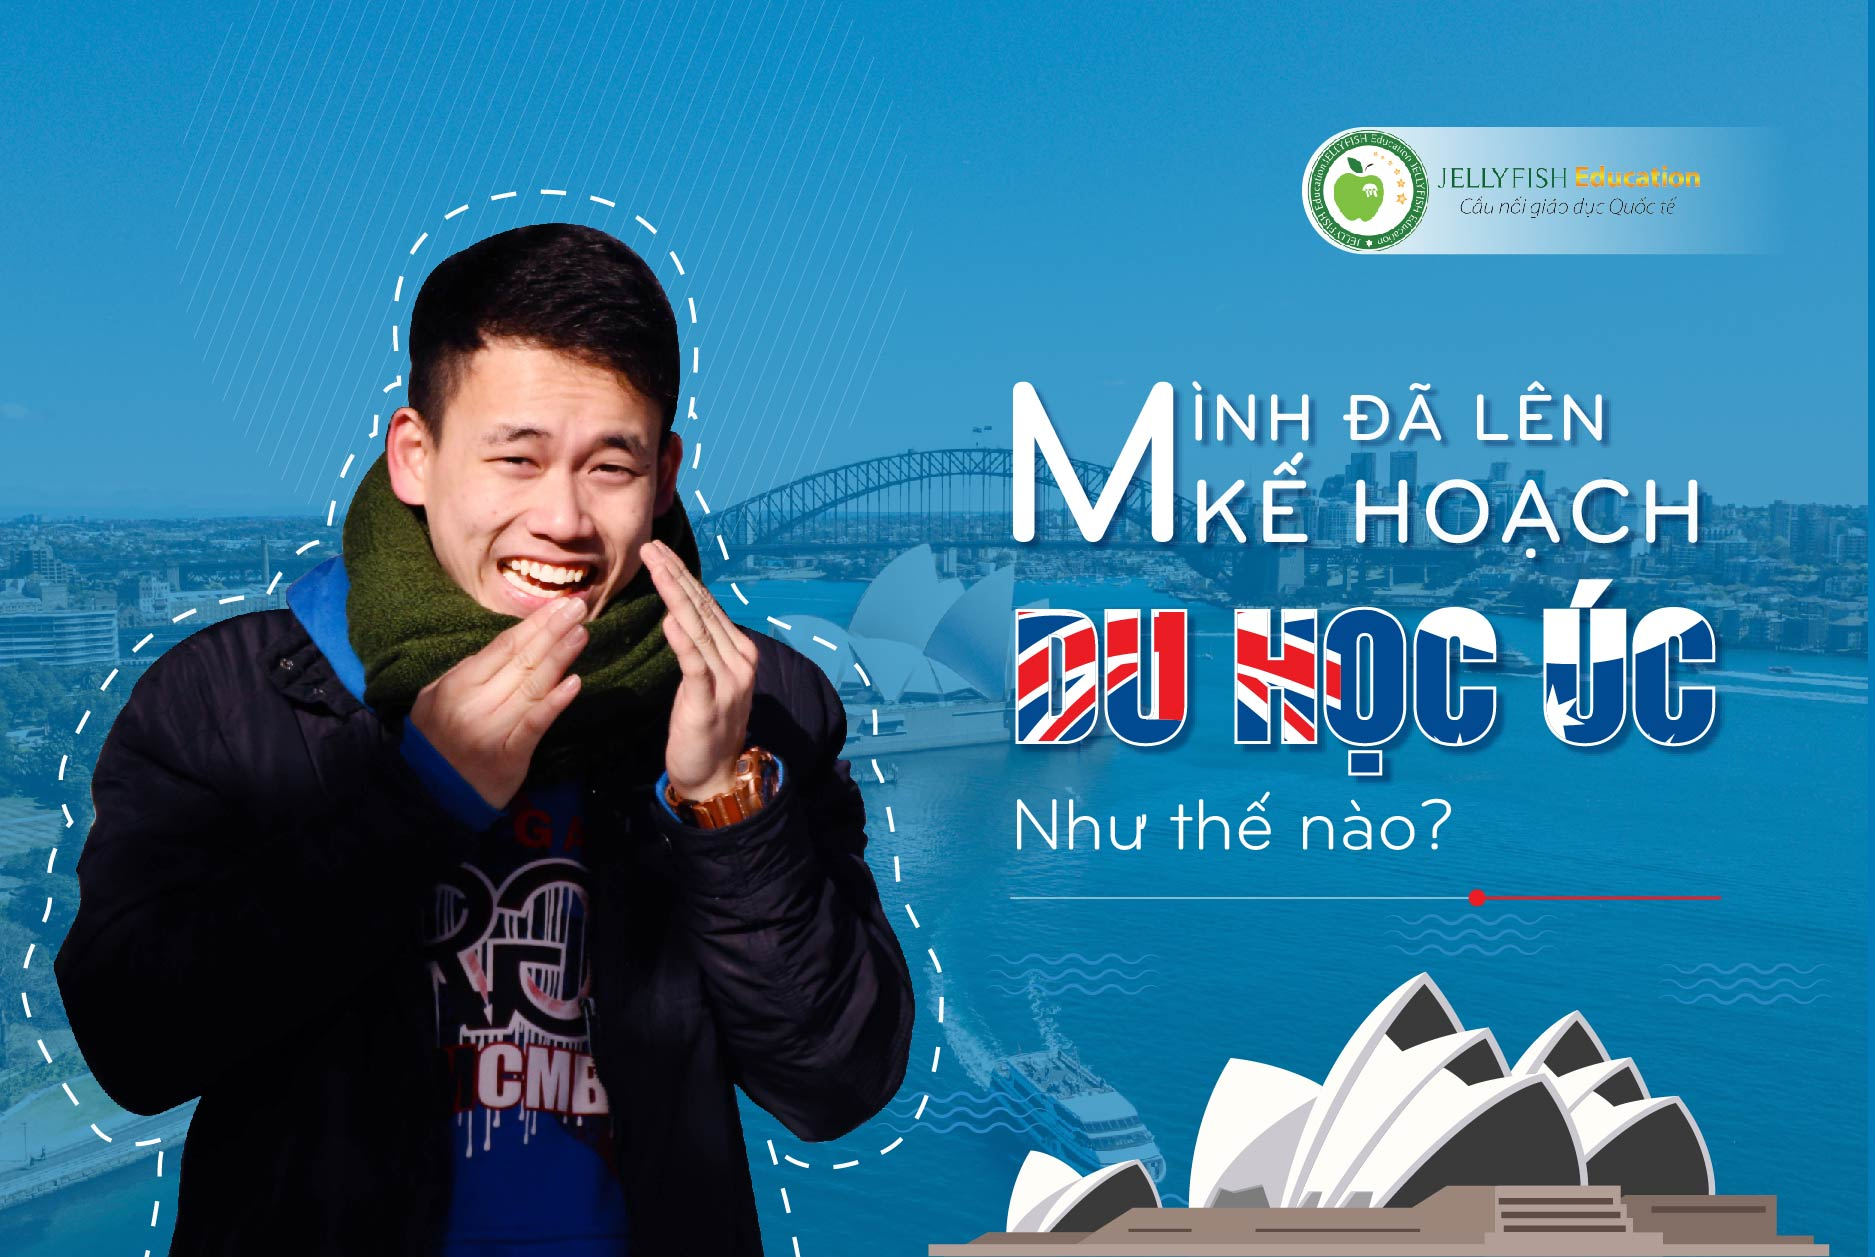 Mình đã lên kế hoạch du học Úc như thế nào?